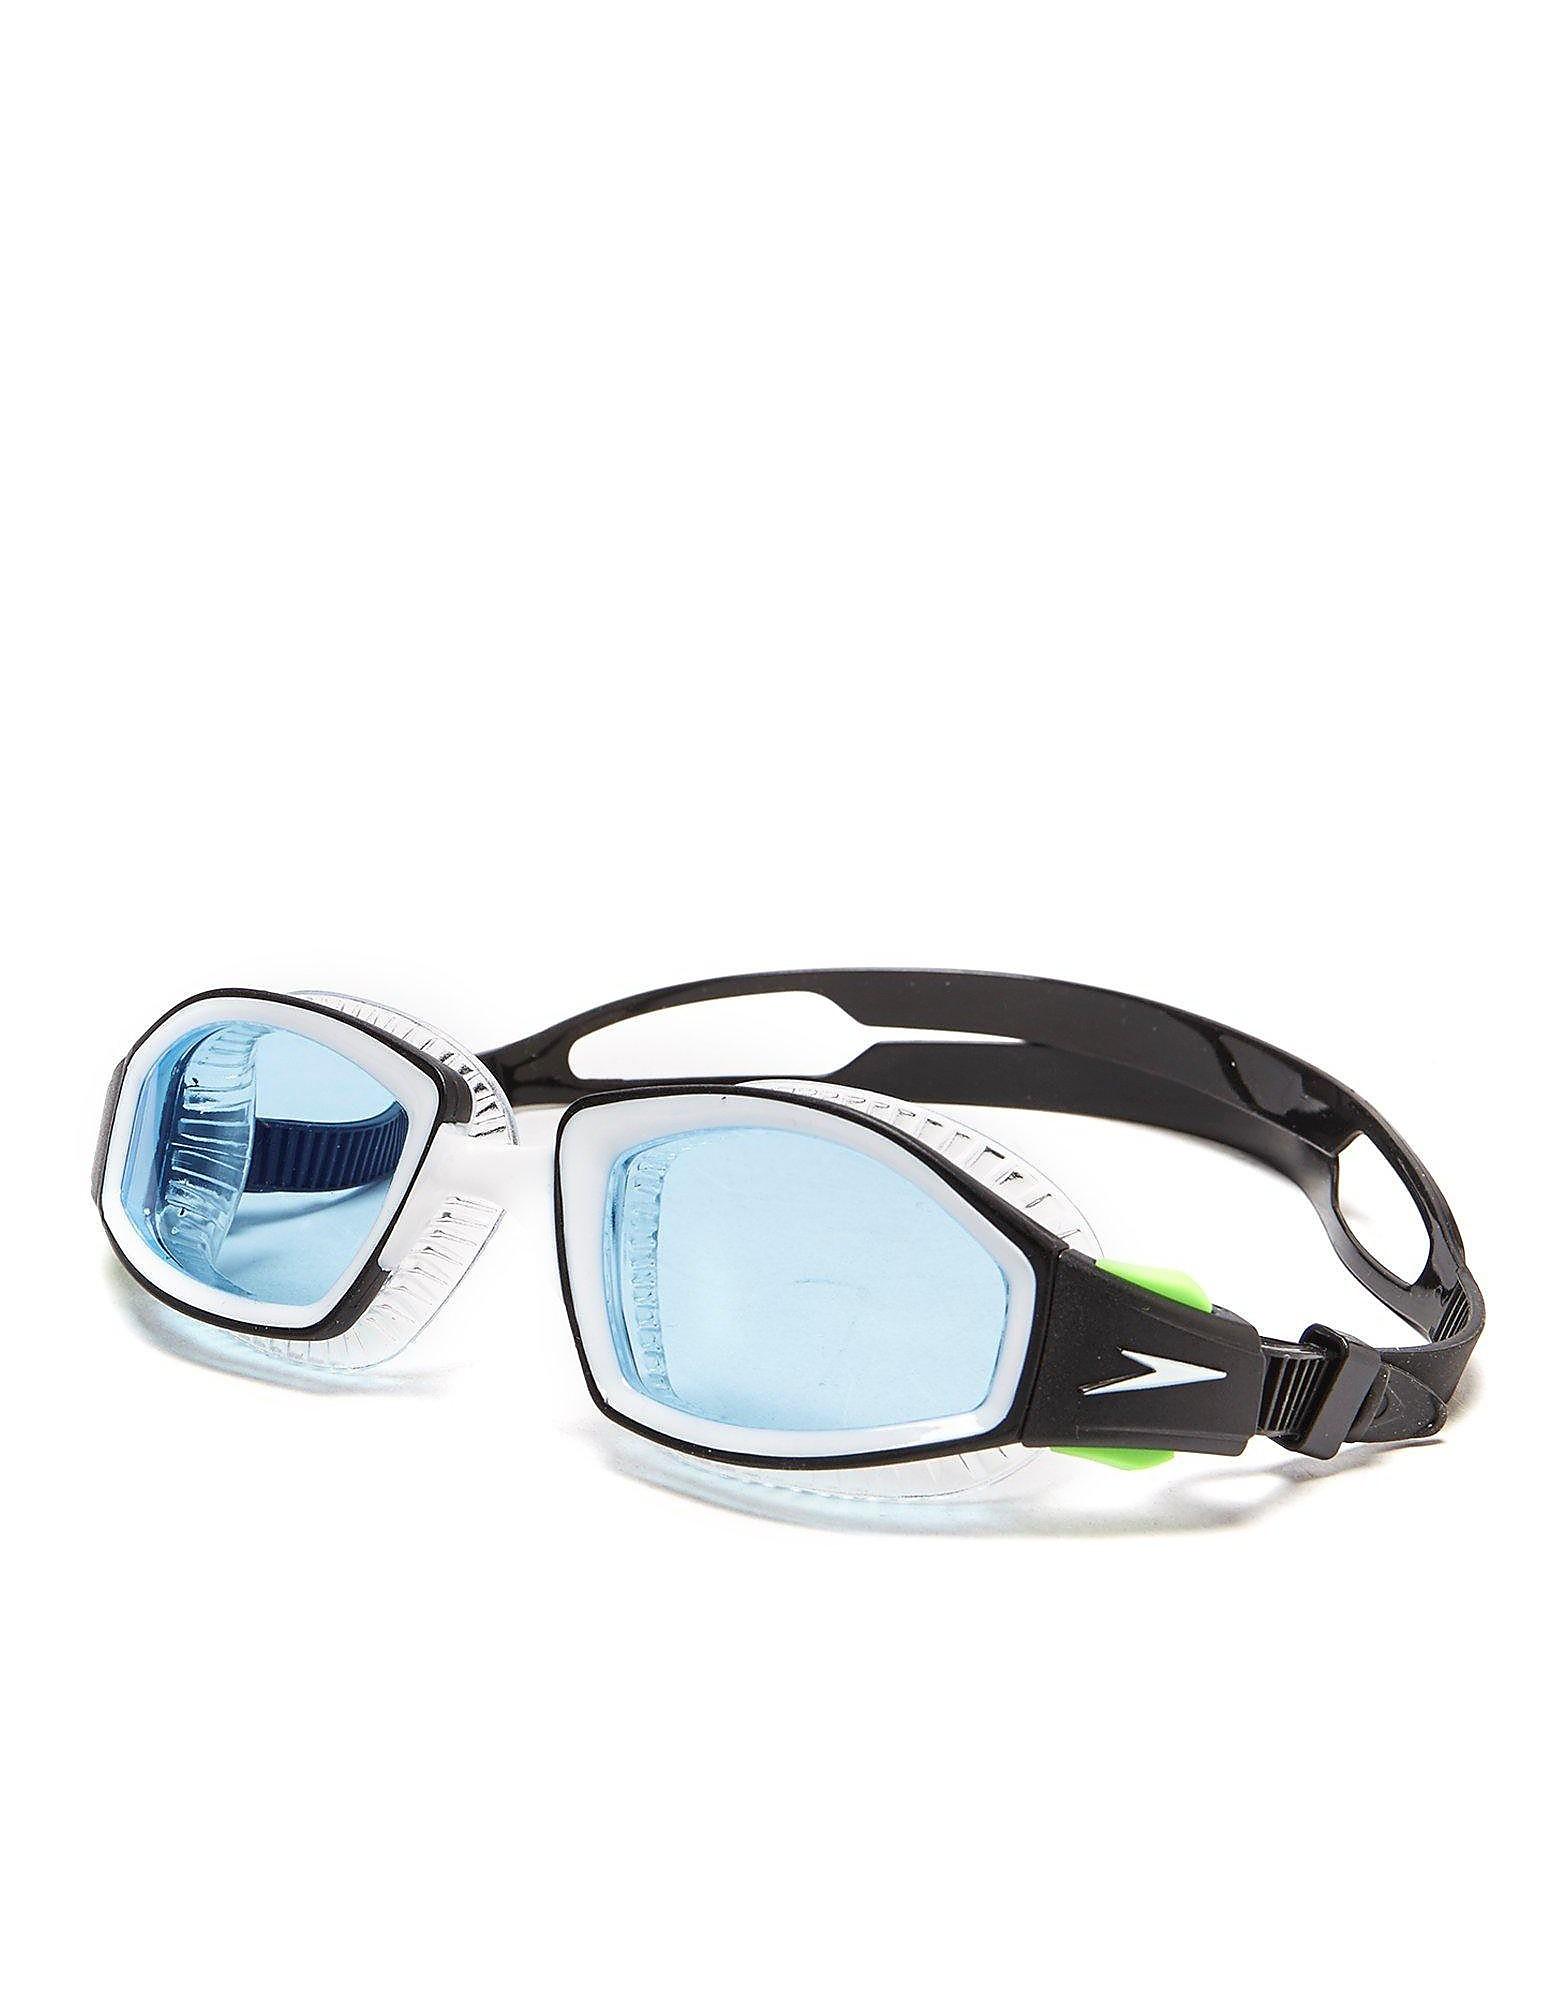 Speedo Futura Biofuse Pro Goggles